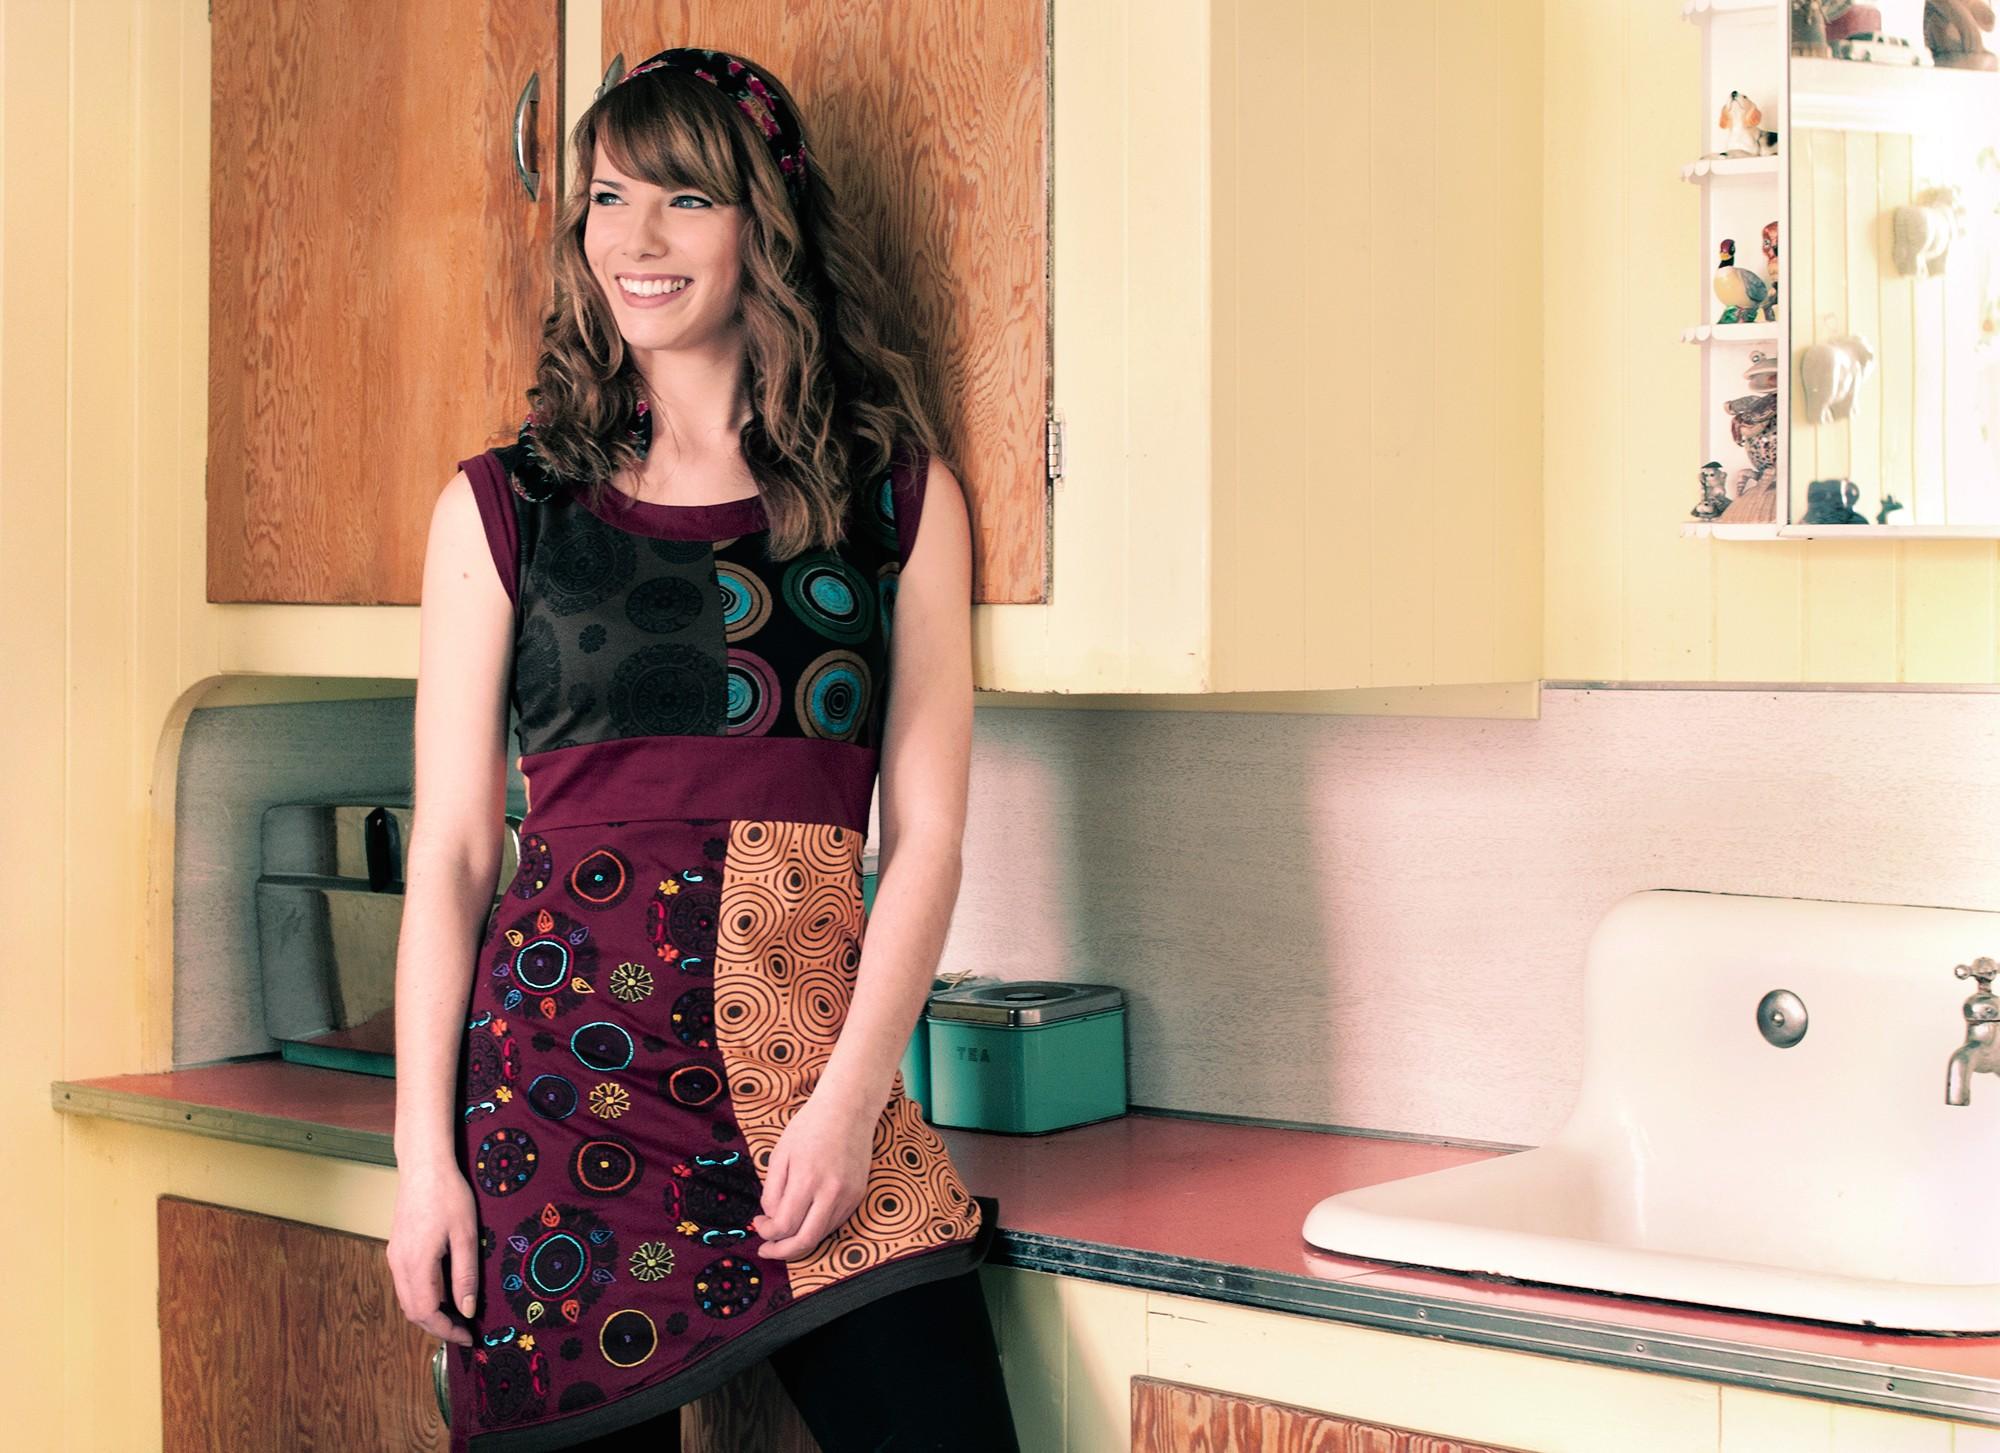 Photographie pour campagne publicitaire / Collection automne-hiver 2012 Adria Mode